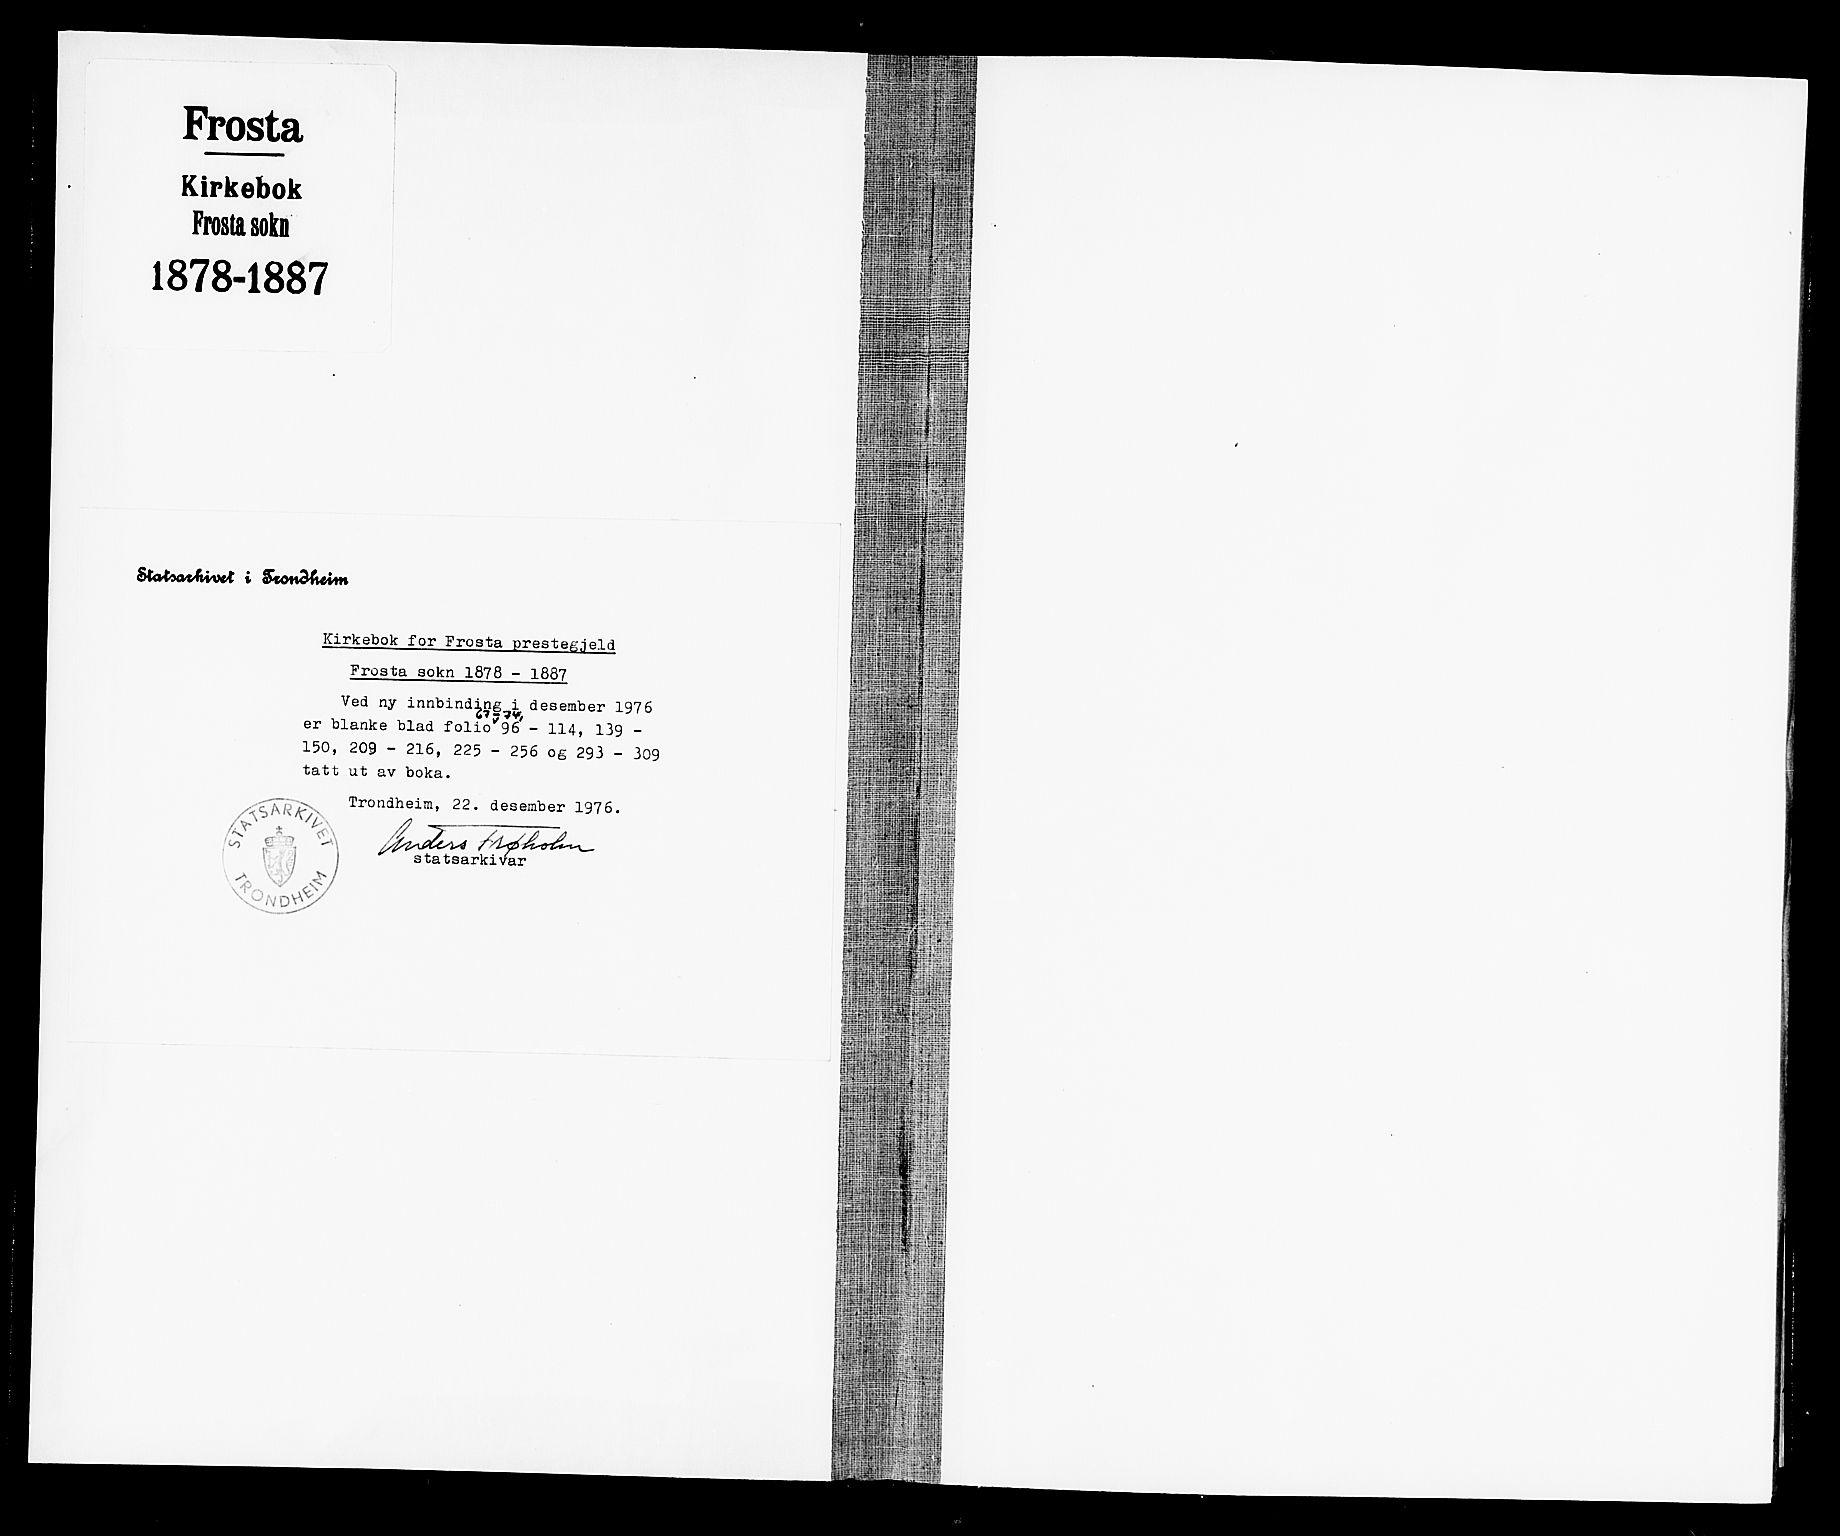 SAT, Ministerialprotokoller, klokkerbøker og fødselsregistre - Nord-Trøndelag, 713/L0120: Ministerialbok nr. 713A09, 1878-1887